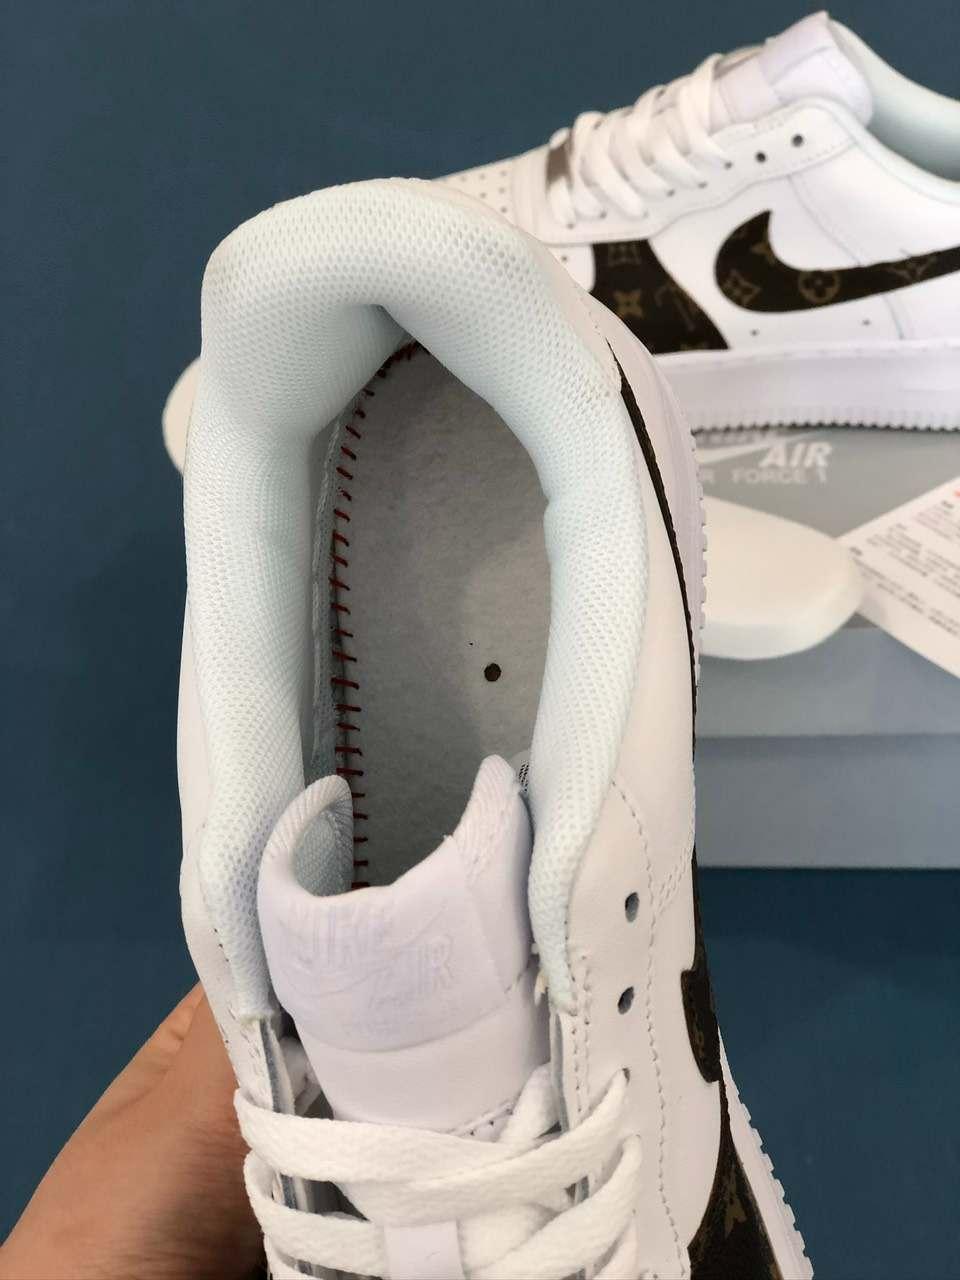 Một điểm cộng dành cho mẫu Nike Air Force 1 Louis Vuitton rep 1:1 là thiết kế đệm lót êm ái